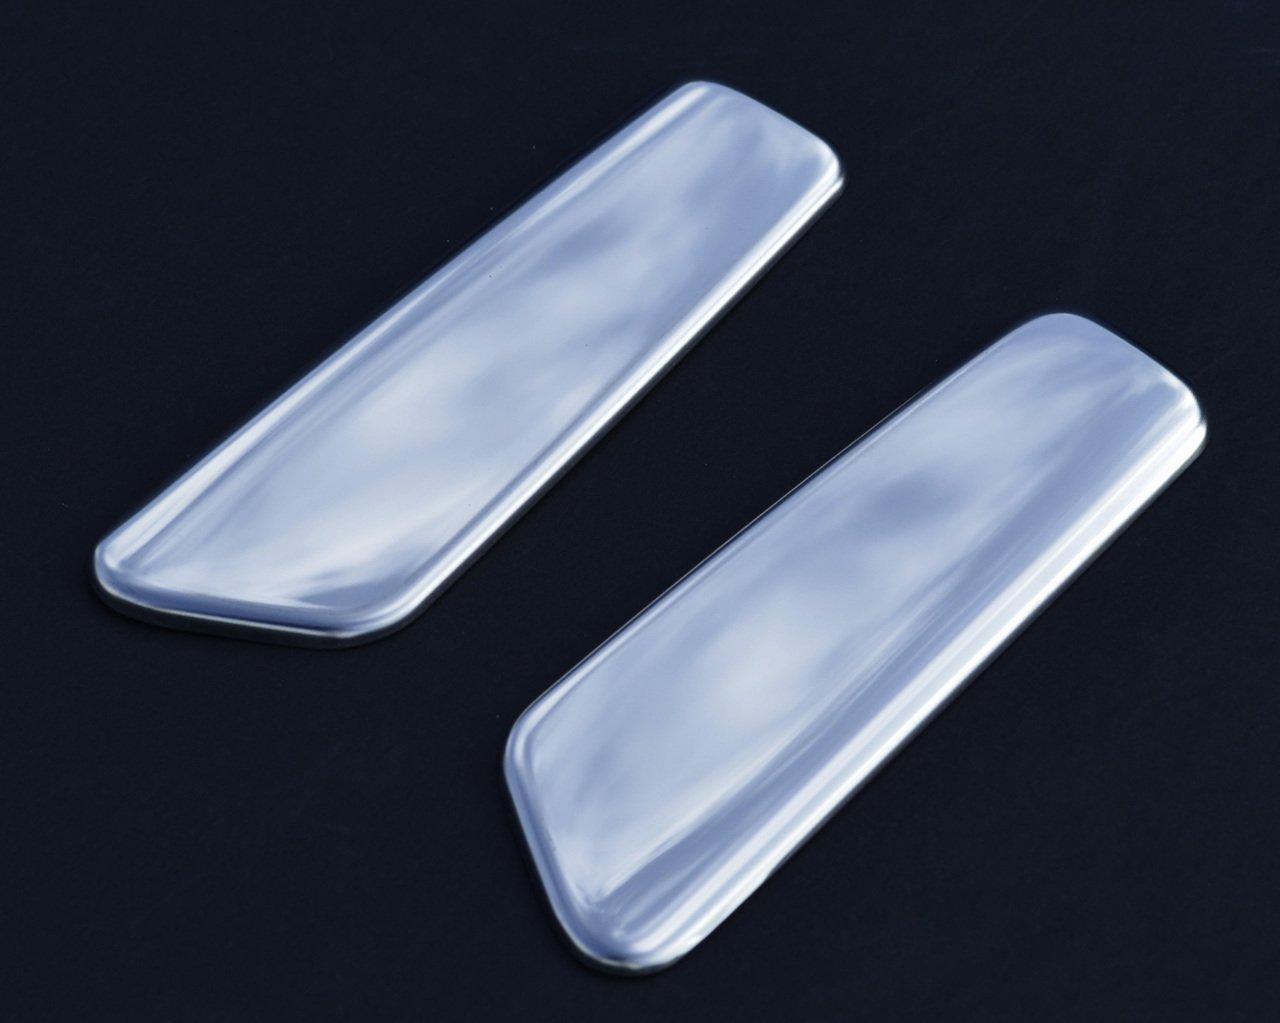 2012 + 2 piezas cromadas para manillar de puerta trasera para Clio IV